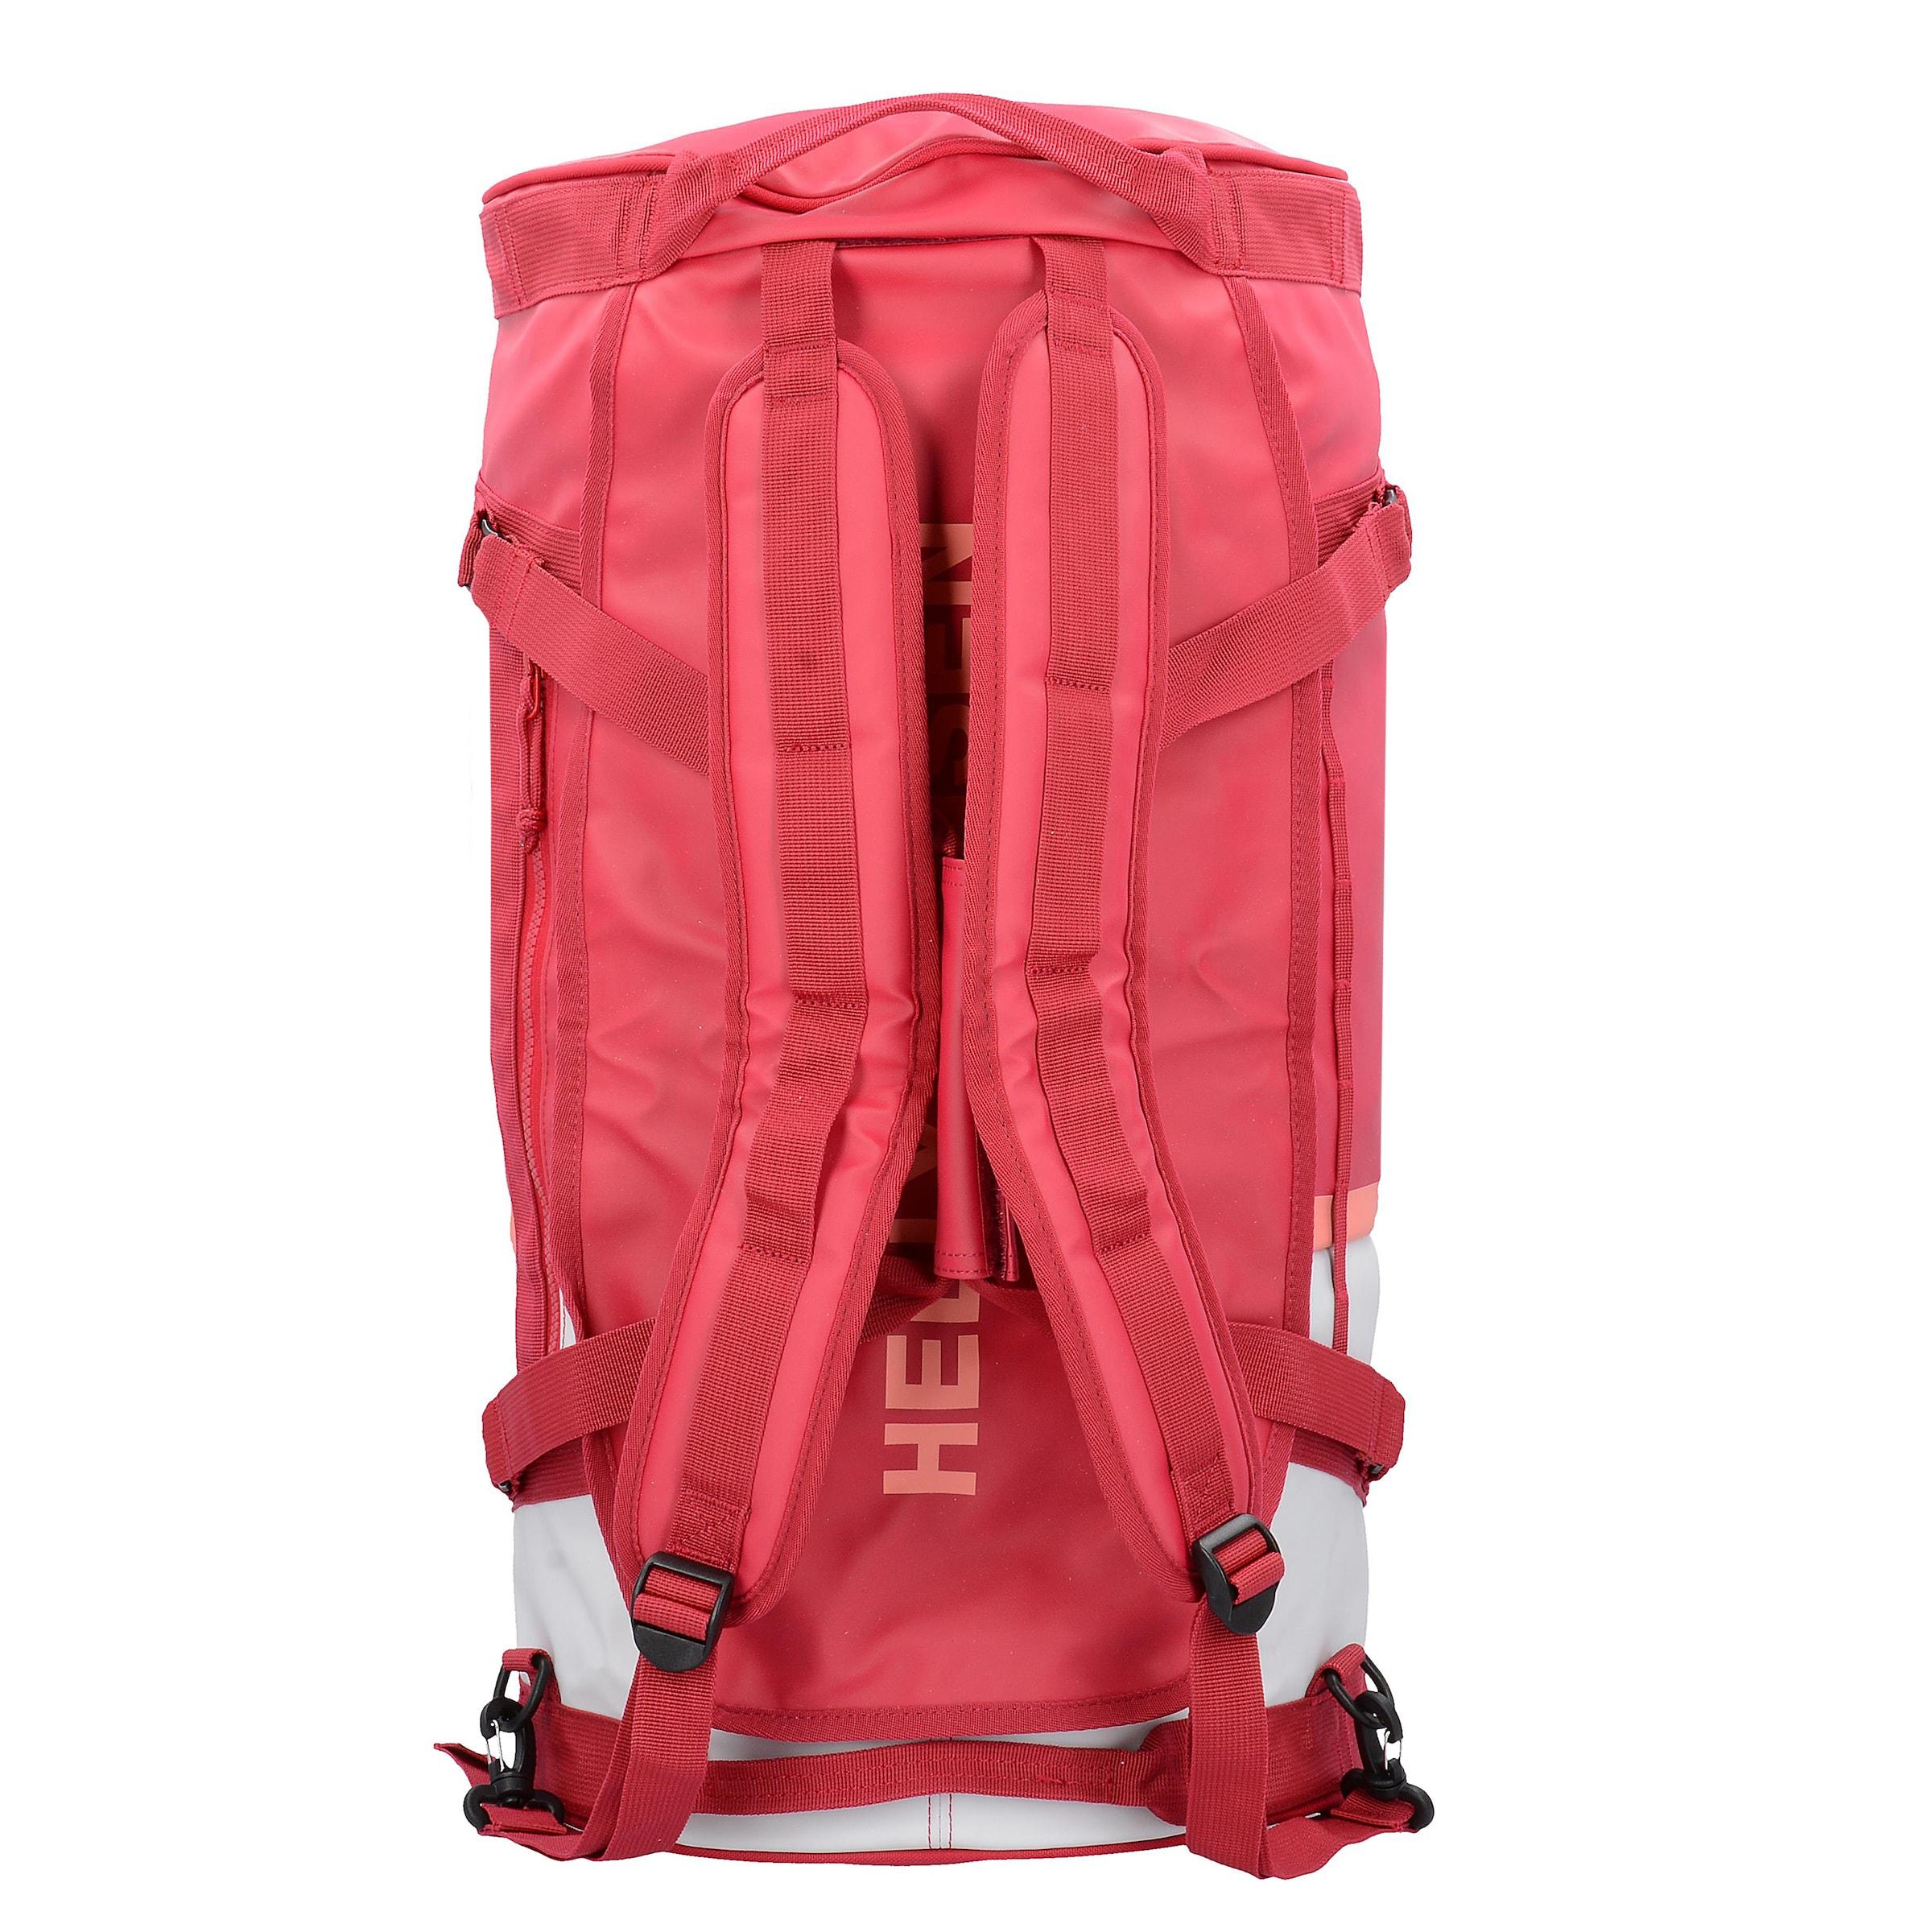 HELLY HANSEN Duffle Bag 2 Reisetasche 50L 60 cm Hohe Qualität Zu Verkaufen Wirklich Billig Preis Billig Verkaufen Gefälschte ZQAmNWQ2D0